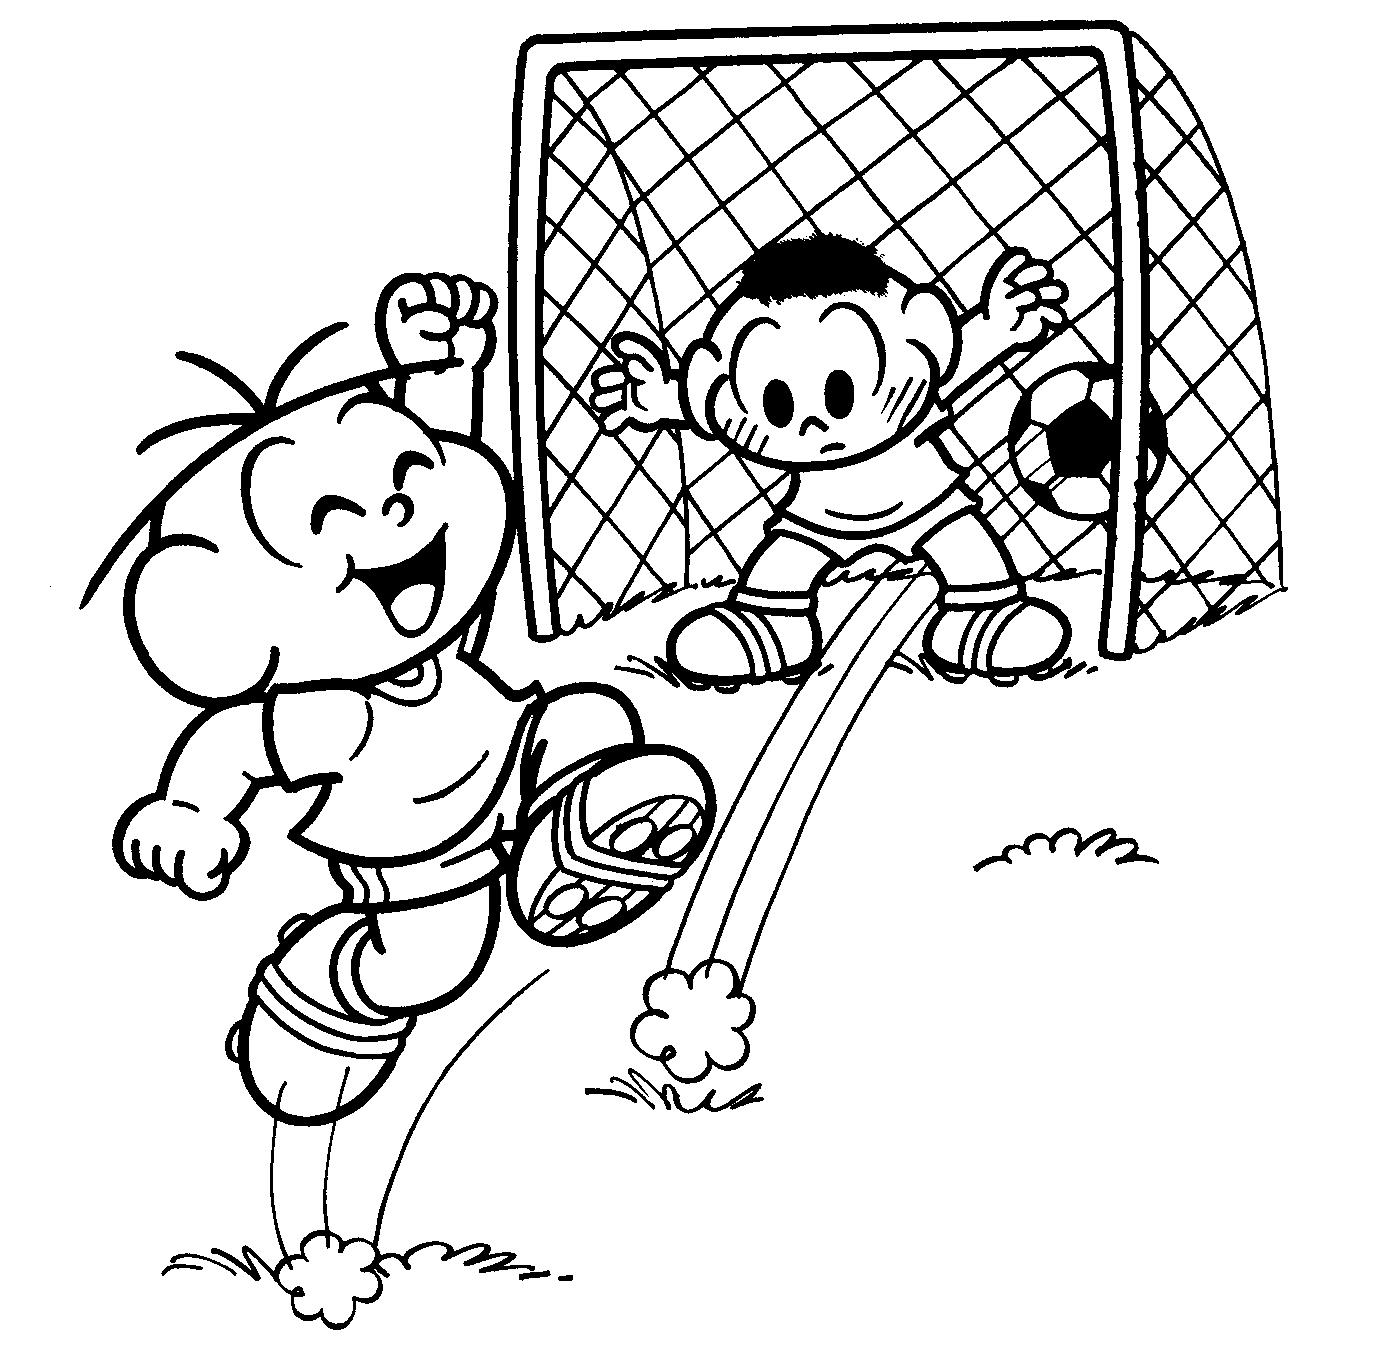 Desenhos De Futebol Para Imprimir E Colorirpintar Desenhos